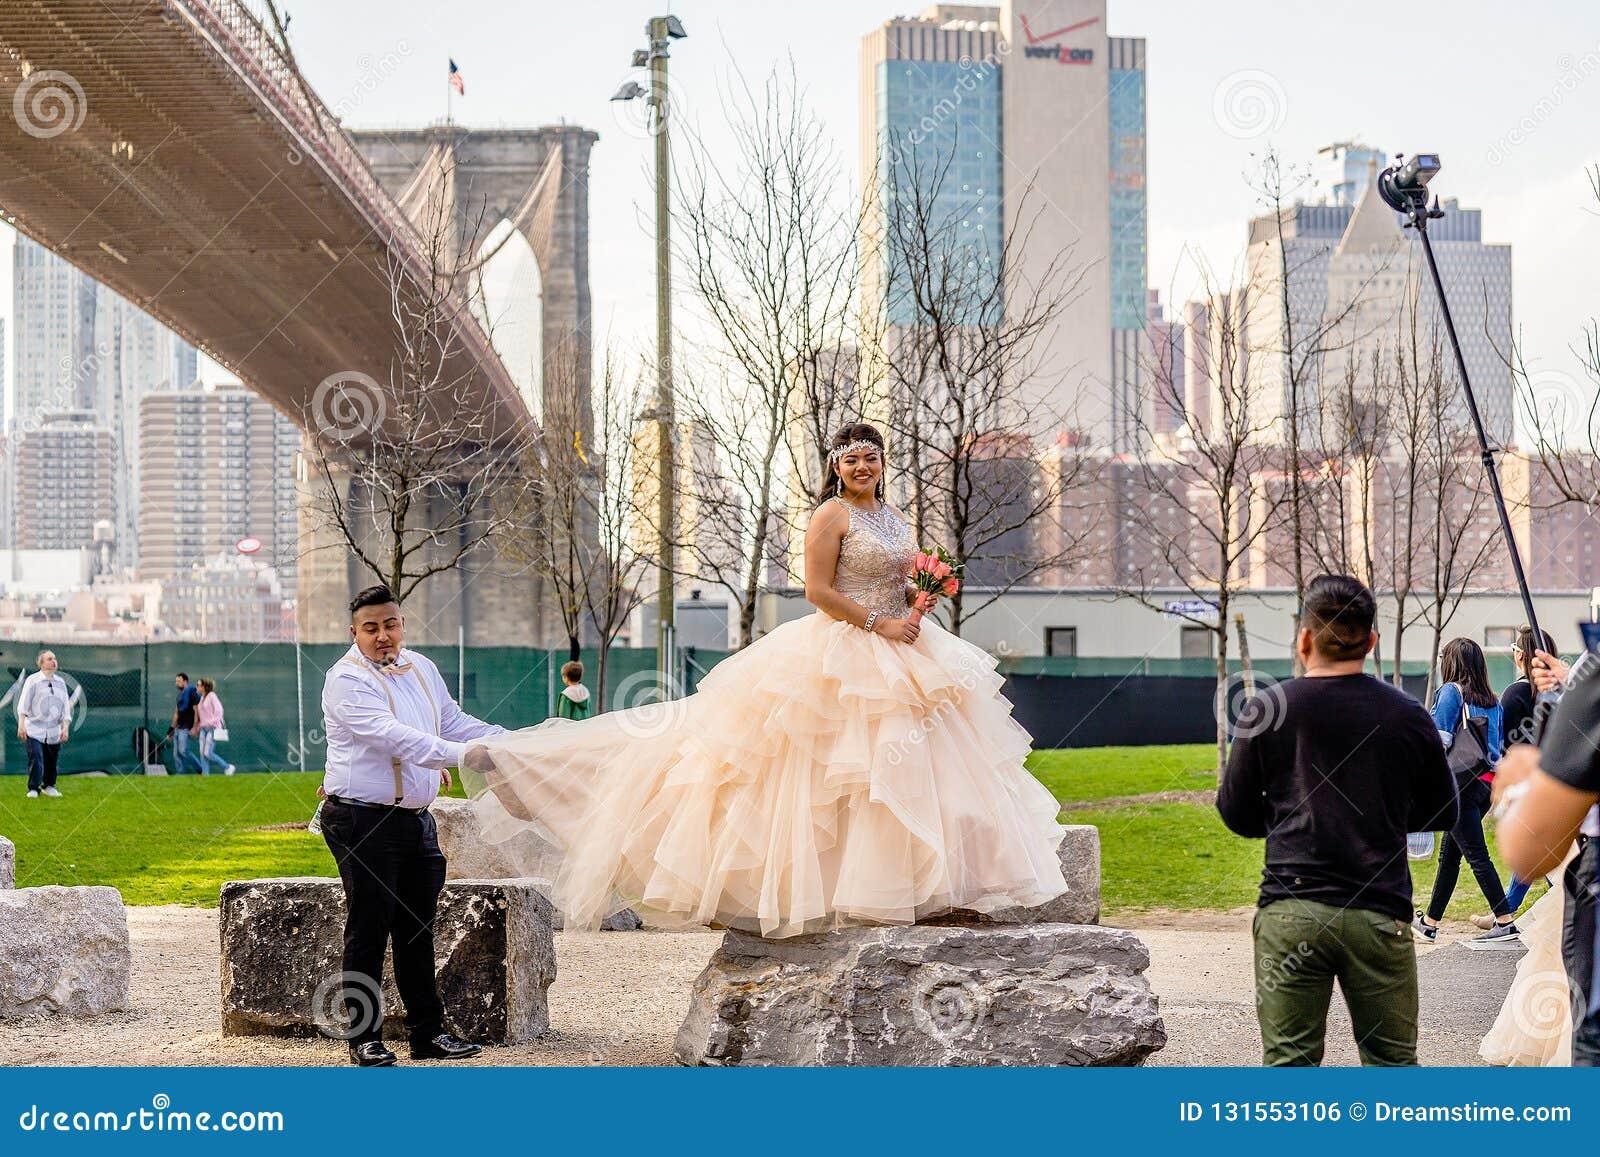 НЬЮ-ЙОРК, США - 28-ОЕ АПРЕЛЯ 2018: Невеста представляя во время фотосессии в Dumbo, Бруклине, Нью-Йорке